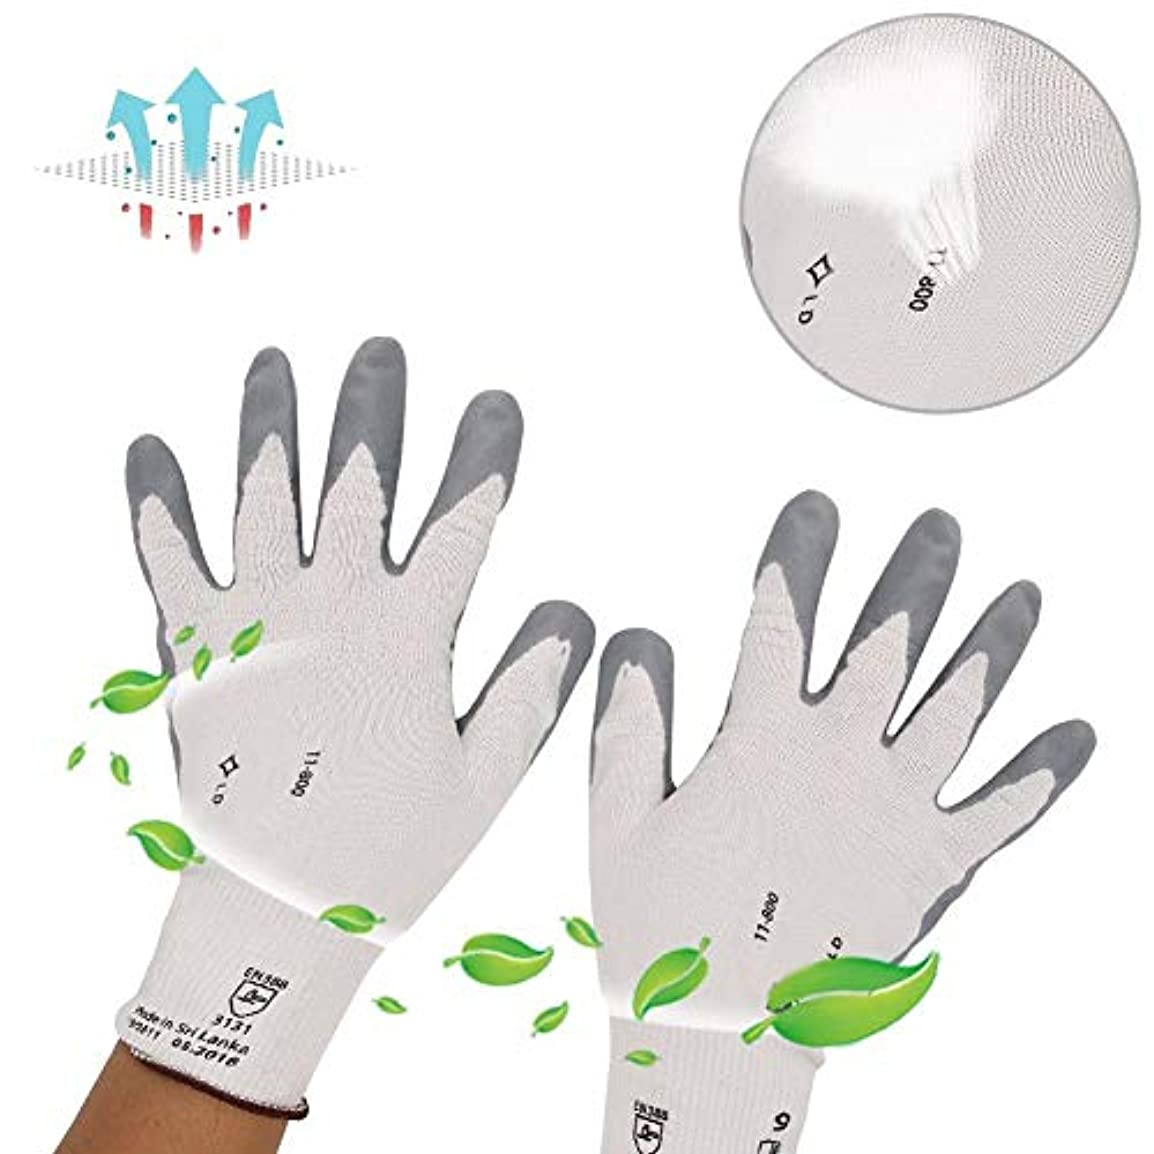 モック遺体安置所写真を描くユニバーサル保護手袋、ナイロンニトリルコート、滑り止め、耐摩耗性自動車用保護手袋、産業用(S)